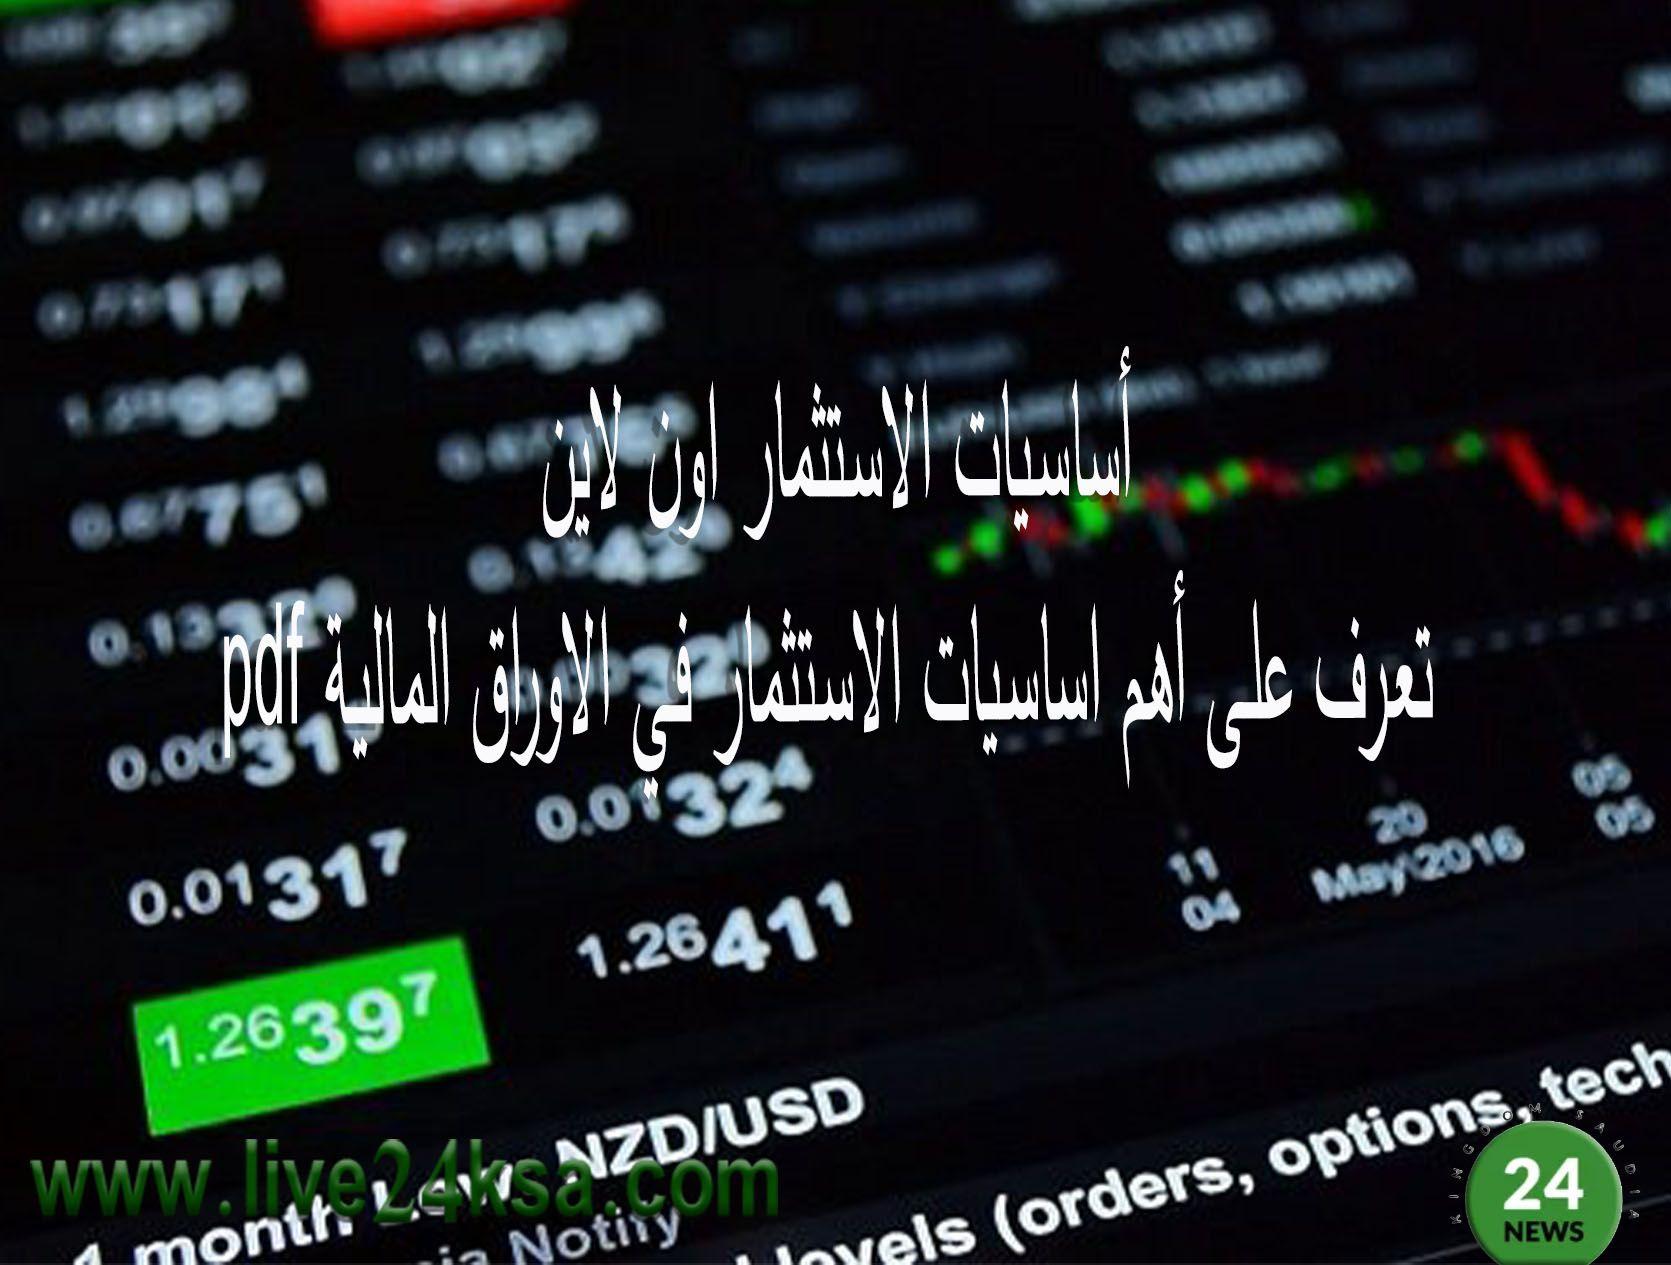 أساسيات الاستثمار اون لاين تعرف على أهم اساسيات الاستثمار في الاوراق المالية Pdf